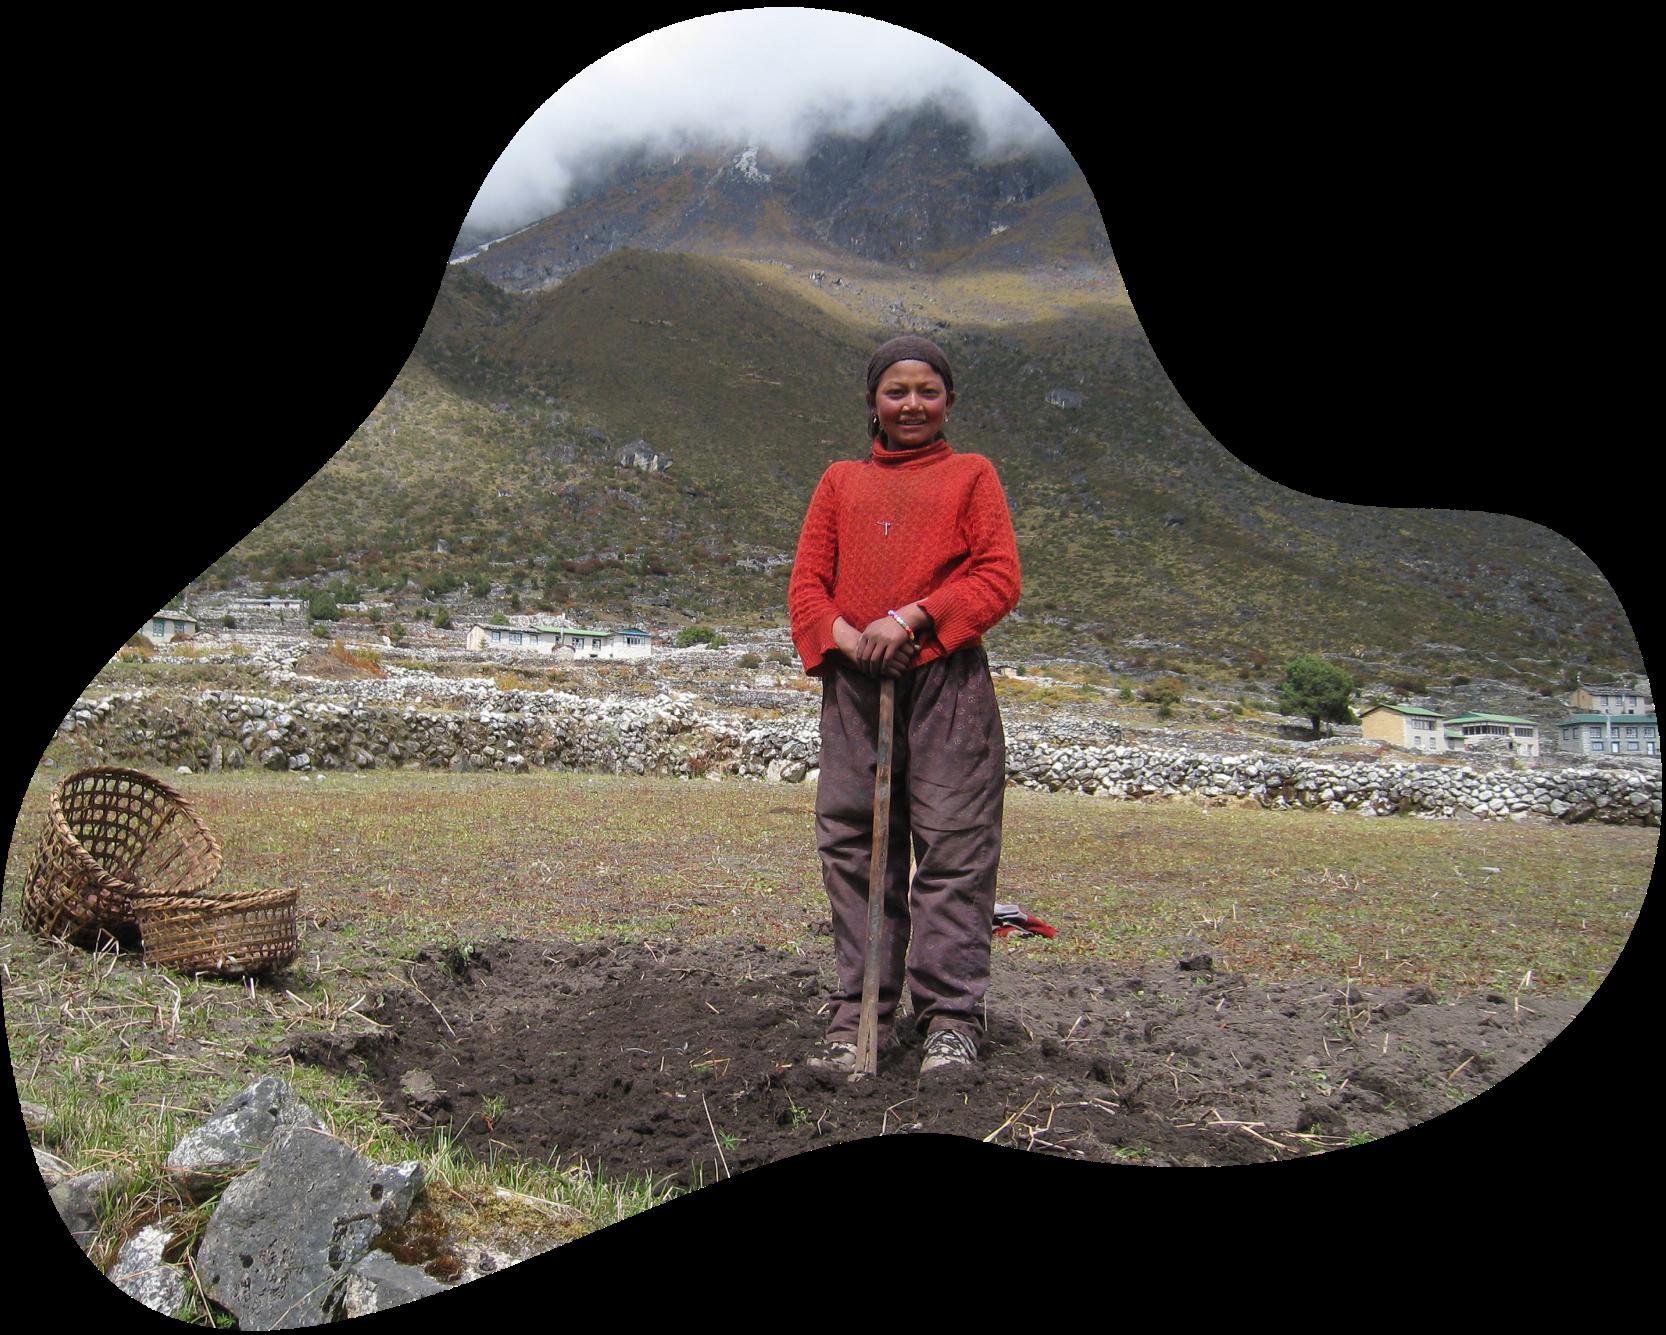 Woman standing in mine field